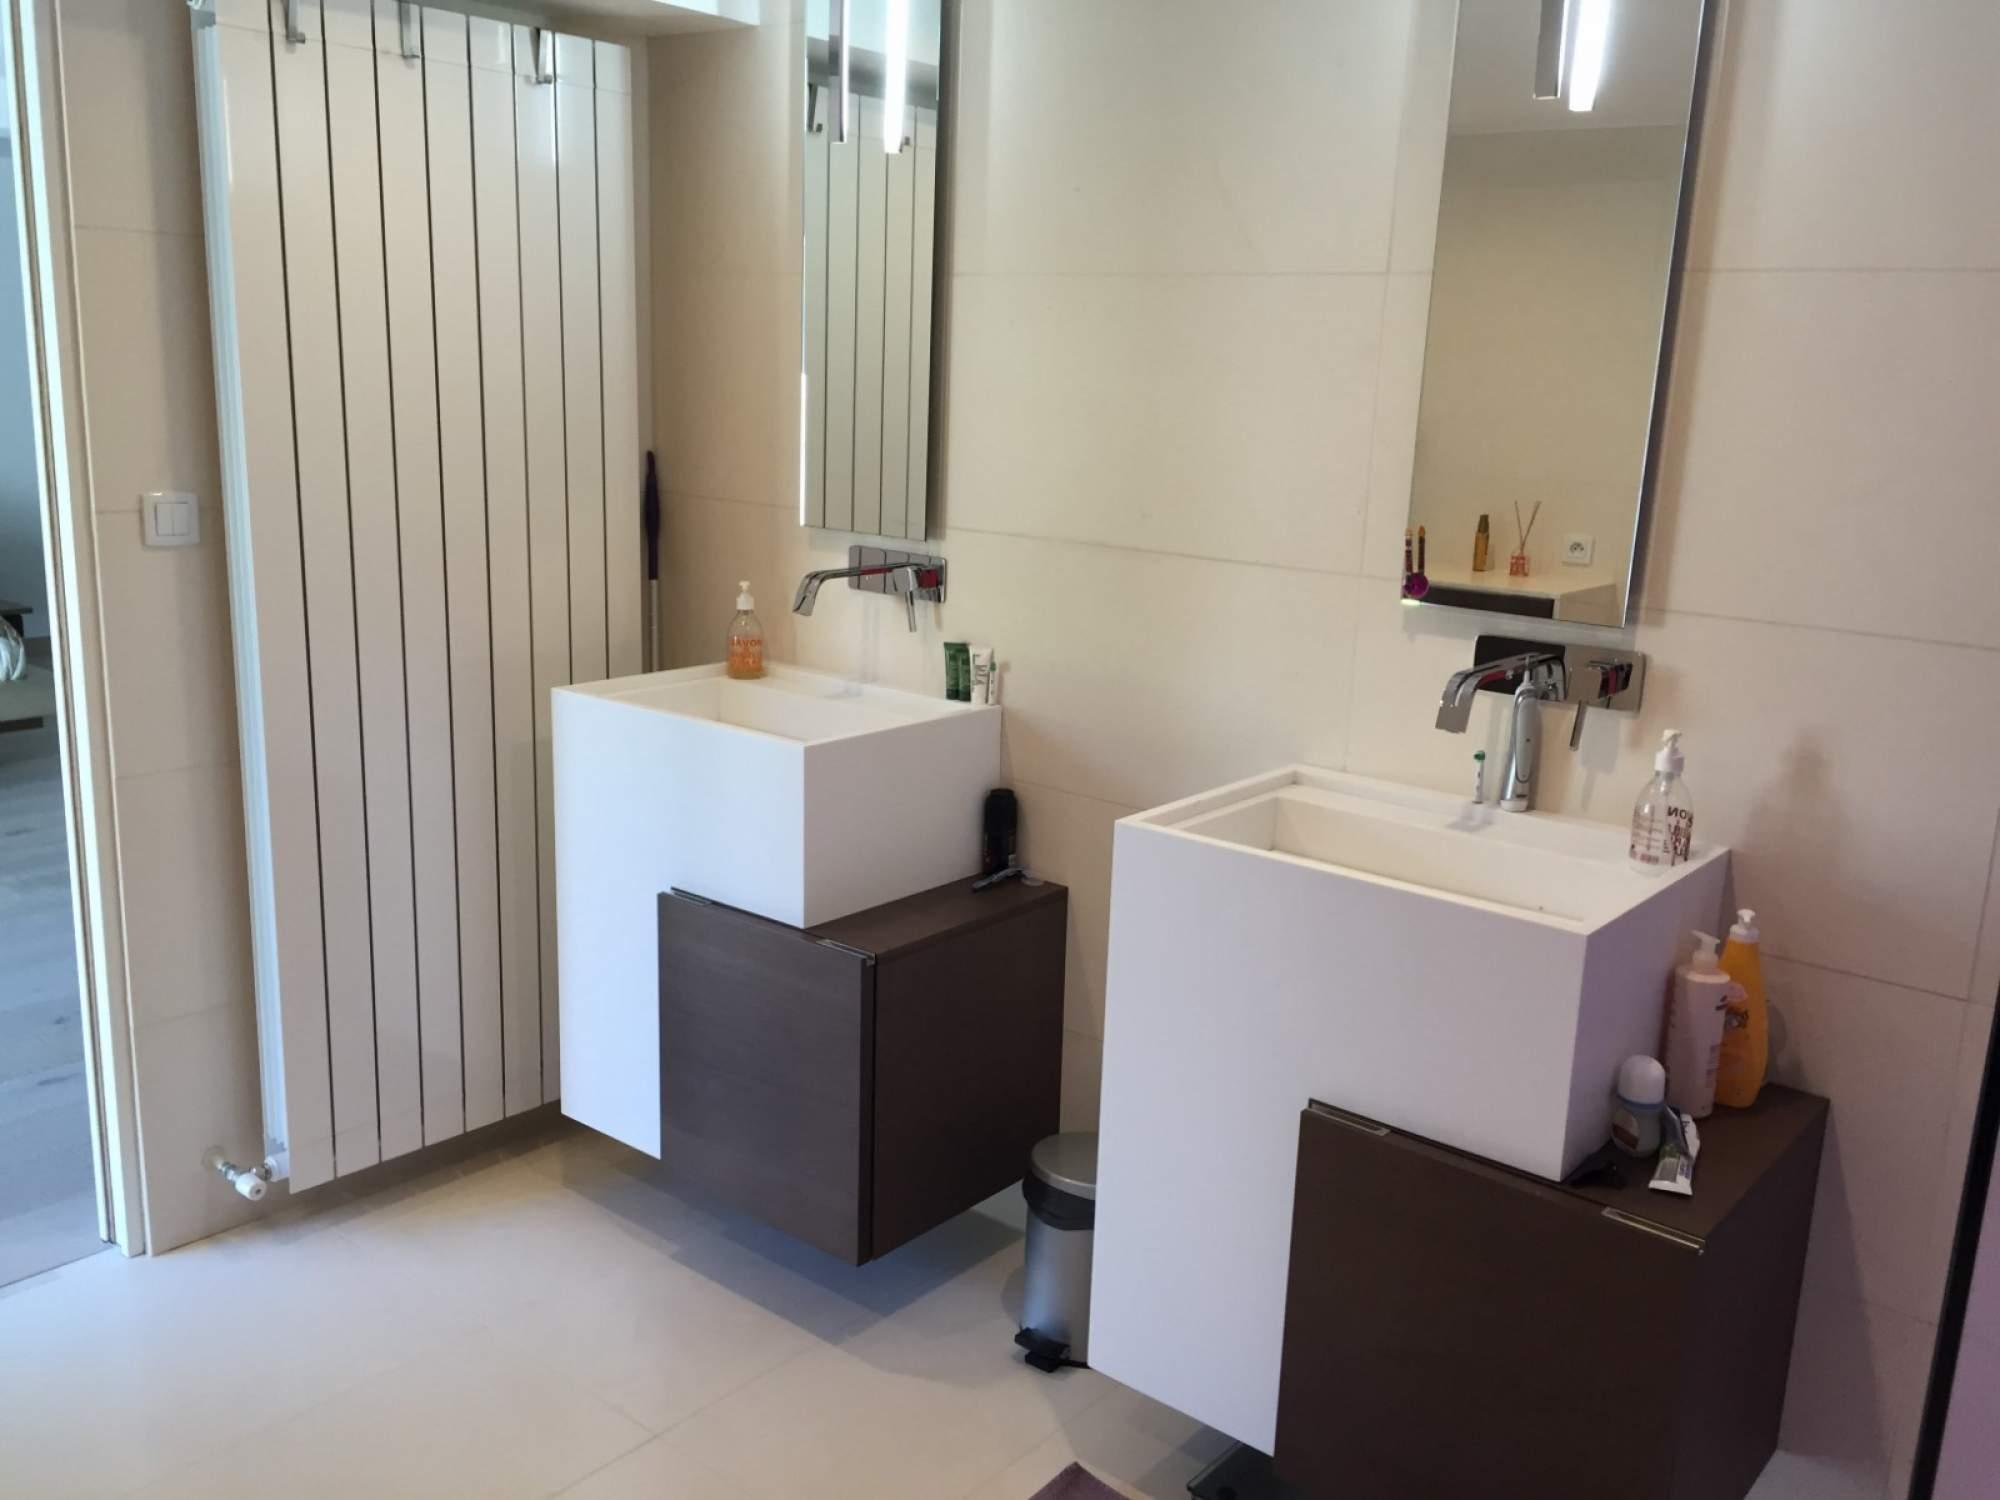 Salle De Bain And Douche ~ cr ation d une salle de bains avec douche l italienne sur les